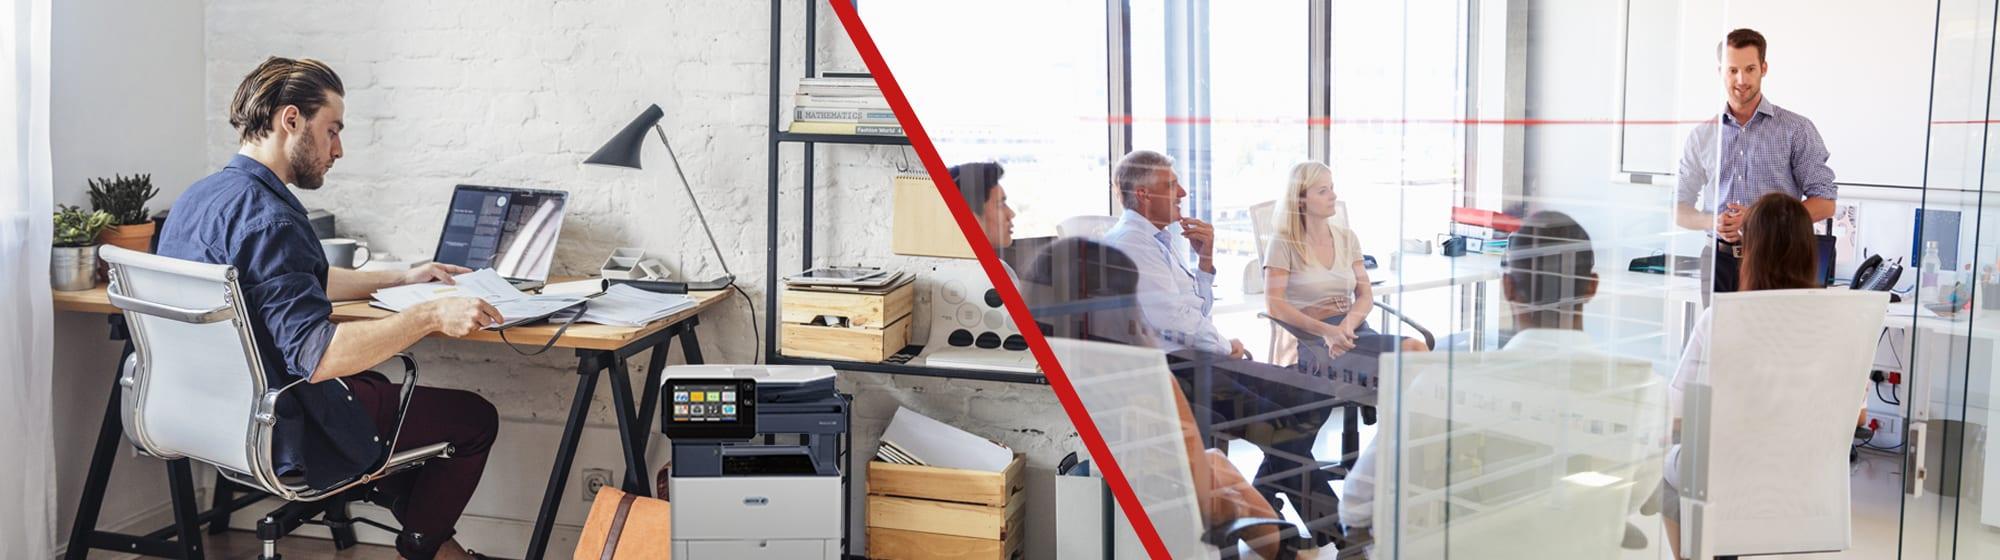 Xerox führend im Bereich hybride Arbeitsmodelle